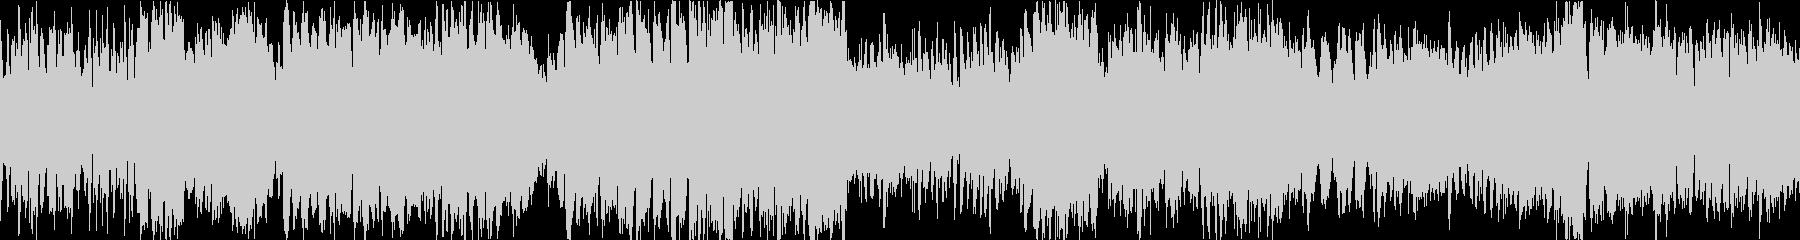 ブラスとストリングス戦闘曲(ショート版)の未再生の波形